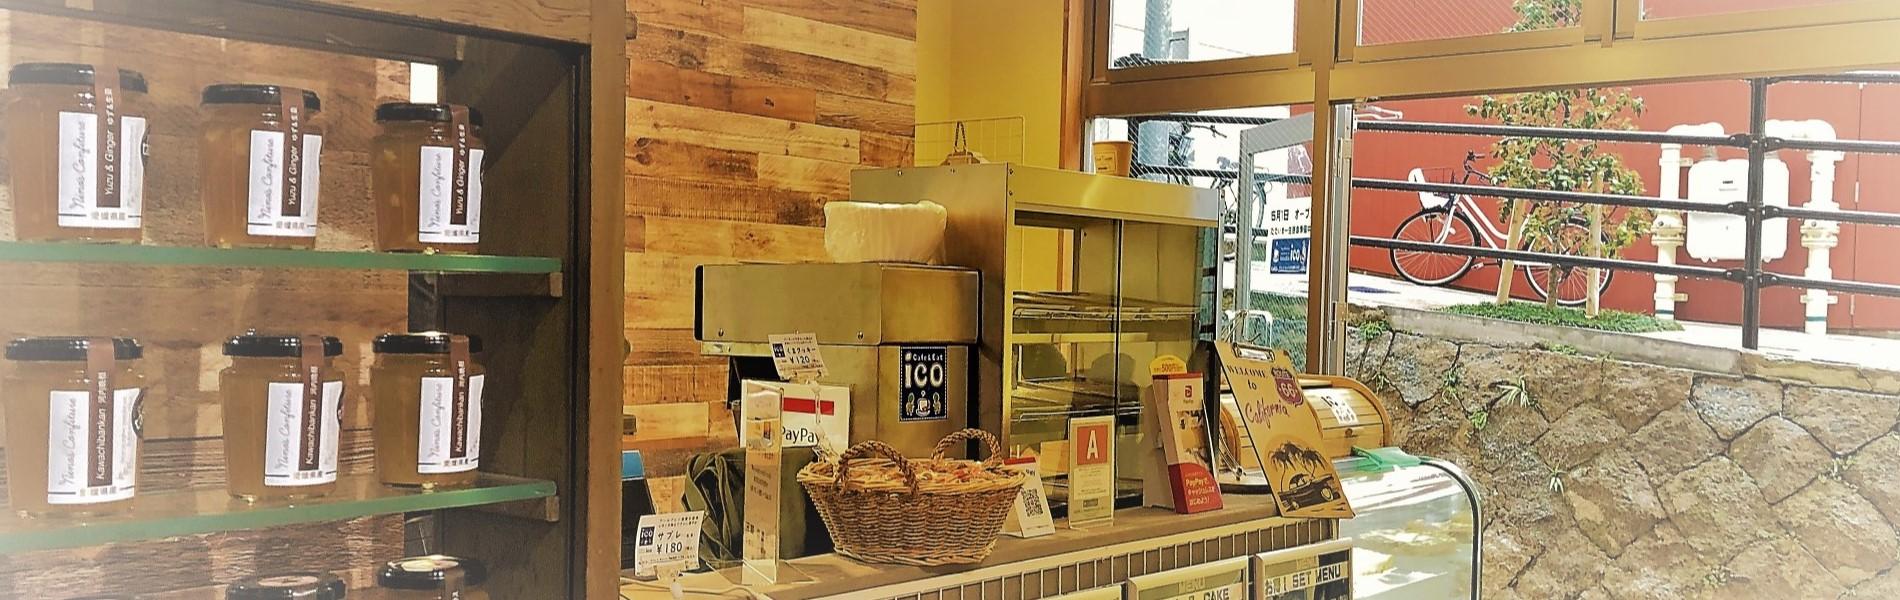 Cafe&Eat ico